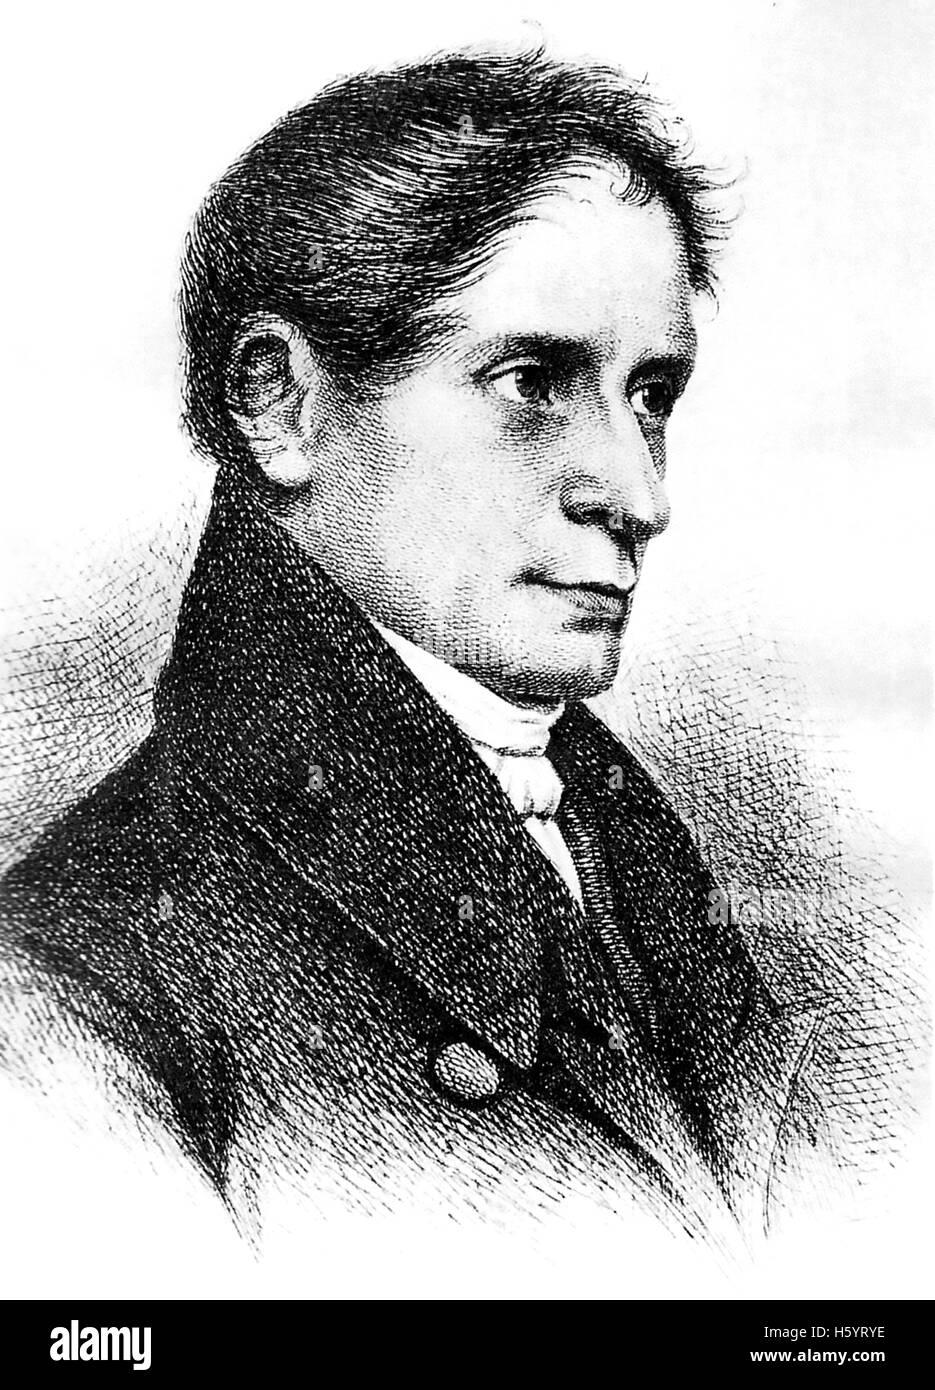 JOSEPH von EICHENDORFF (1788-1857) preußischen romantische Dramatiker, Schriftsteller und Literaturkritiker Stockbild